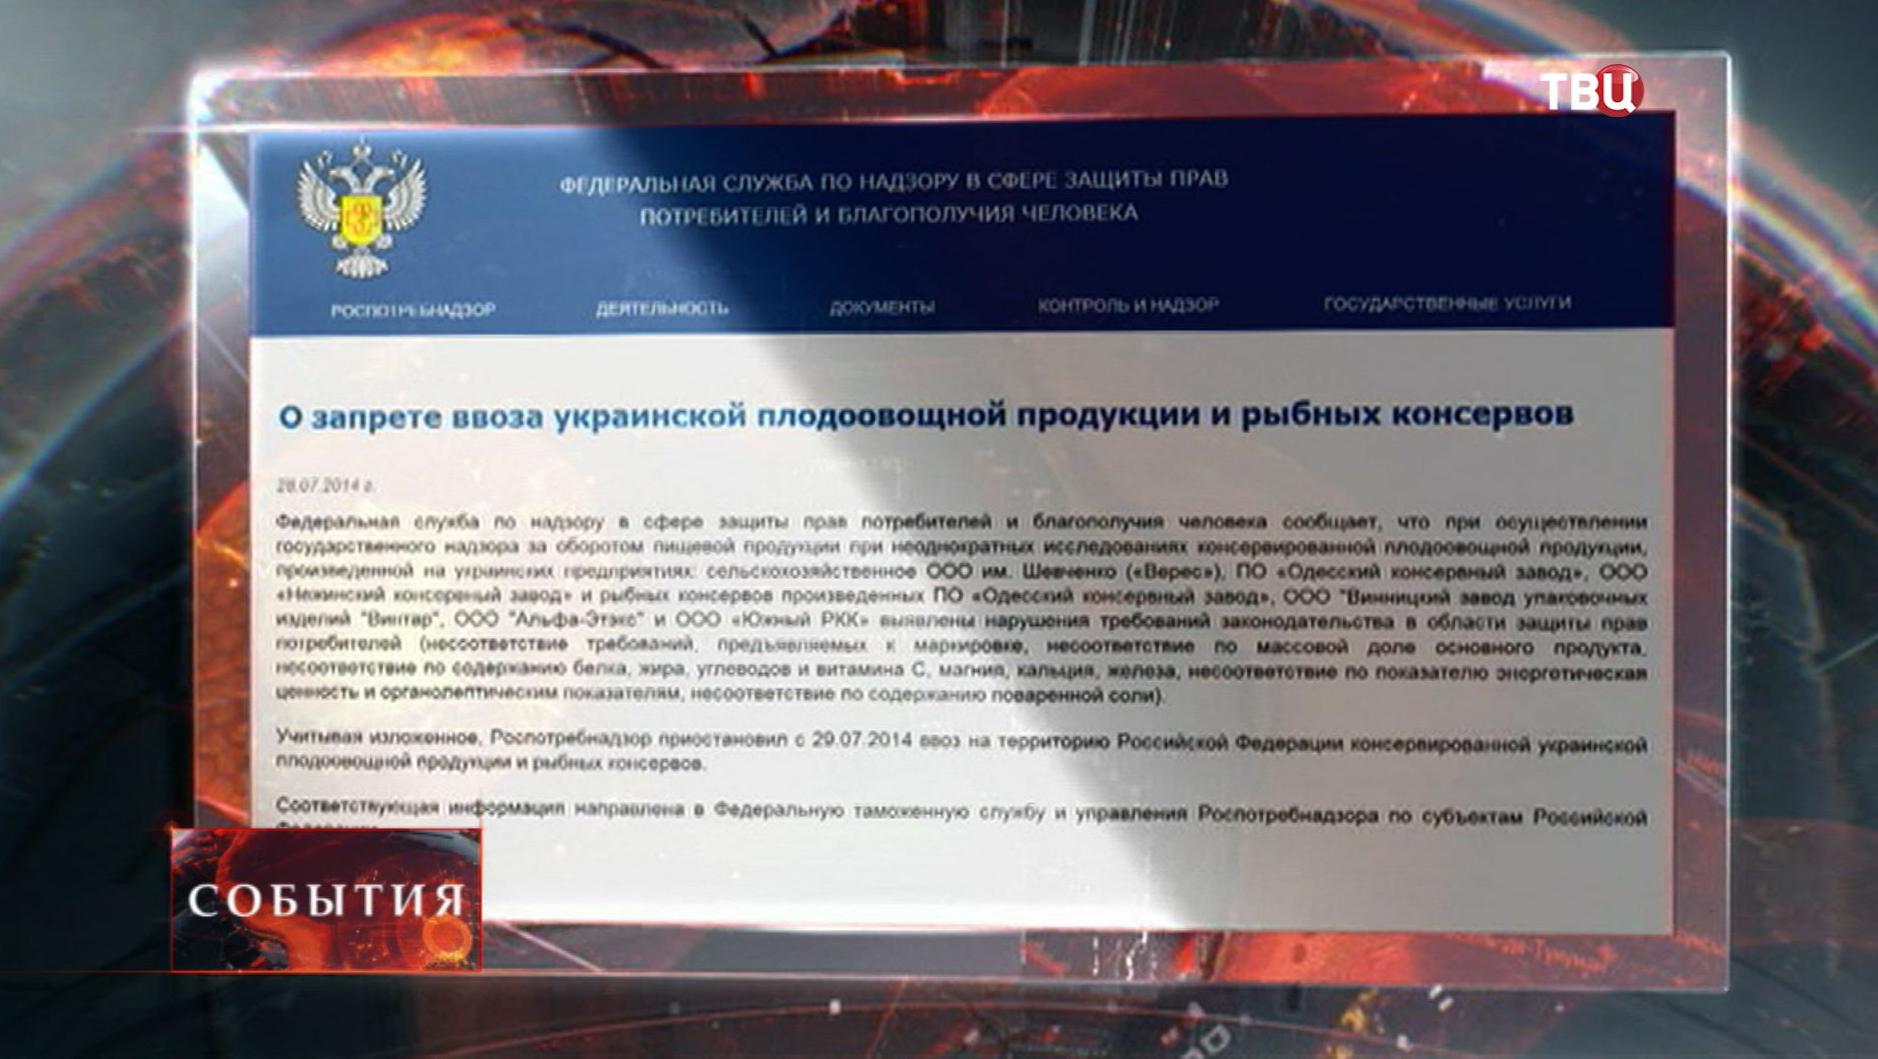 Запрет ввоза украинской плодоовощной продукции и рыбных консервов